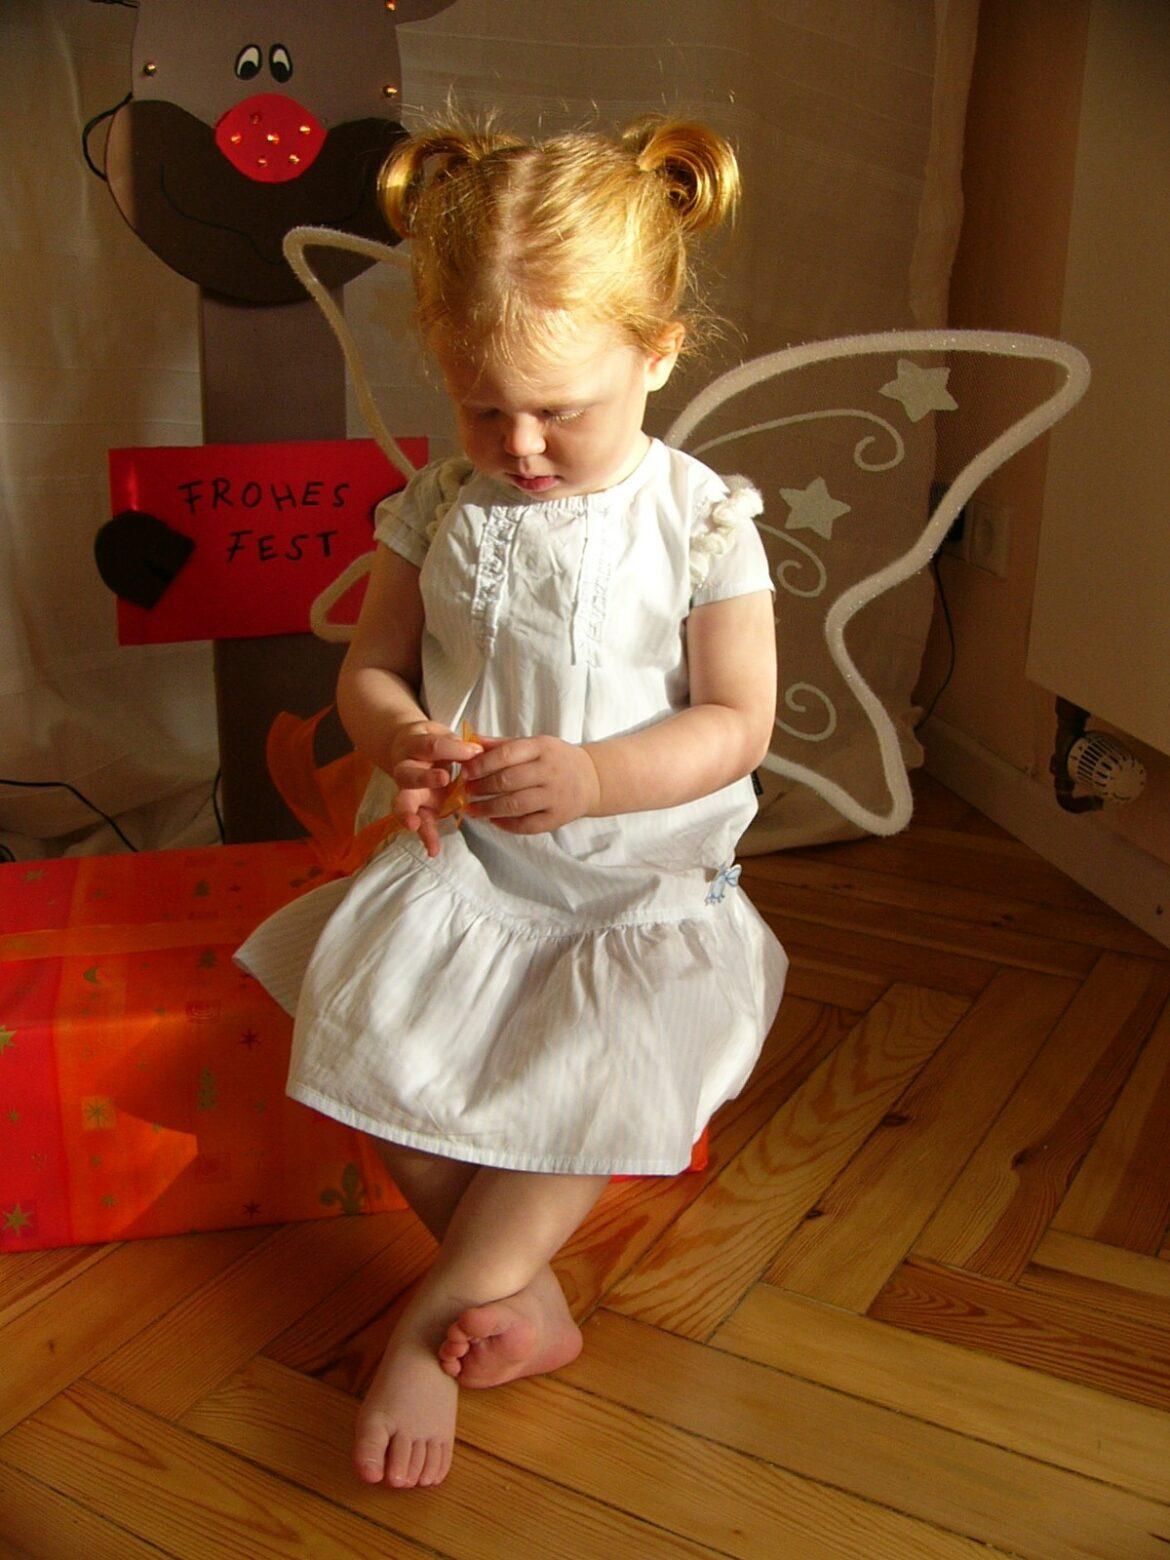 Die 10 besten Last-Minute-Geschenke für Kinder, die gerne reisen ...